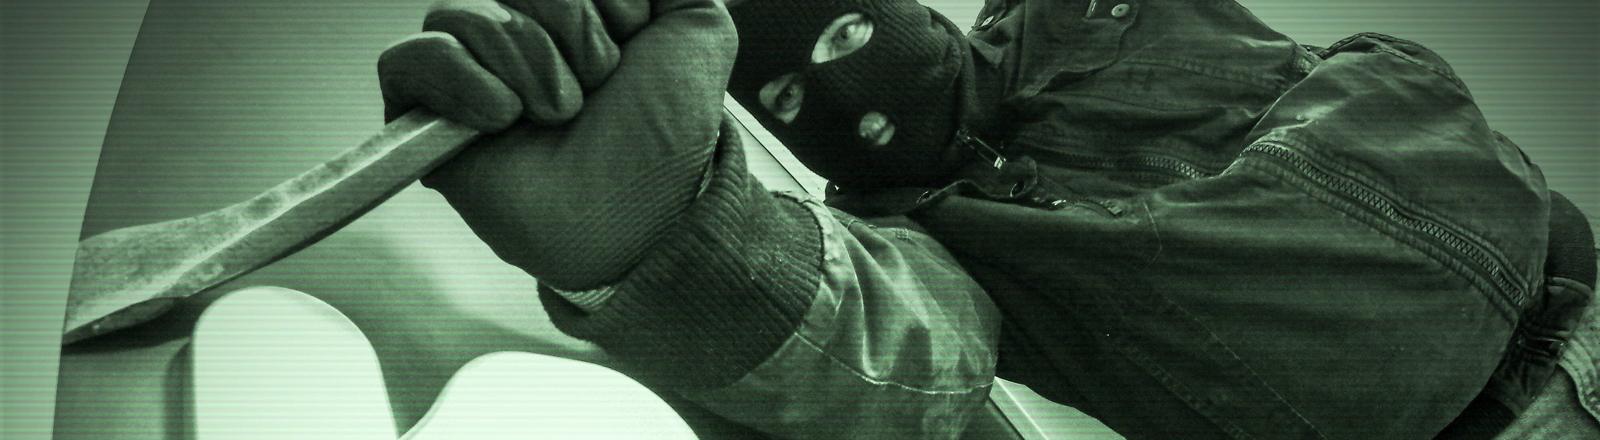 Einbrecher wird von einer Kamera gefilmt.